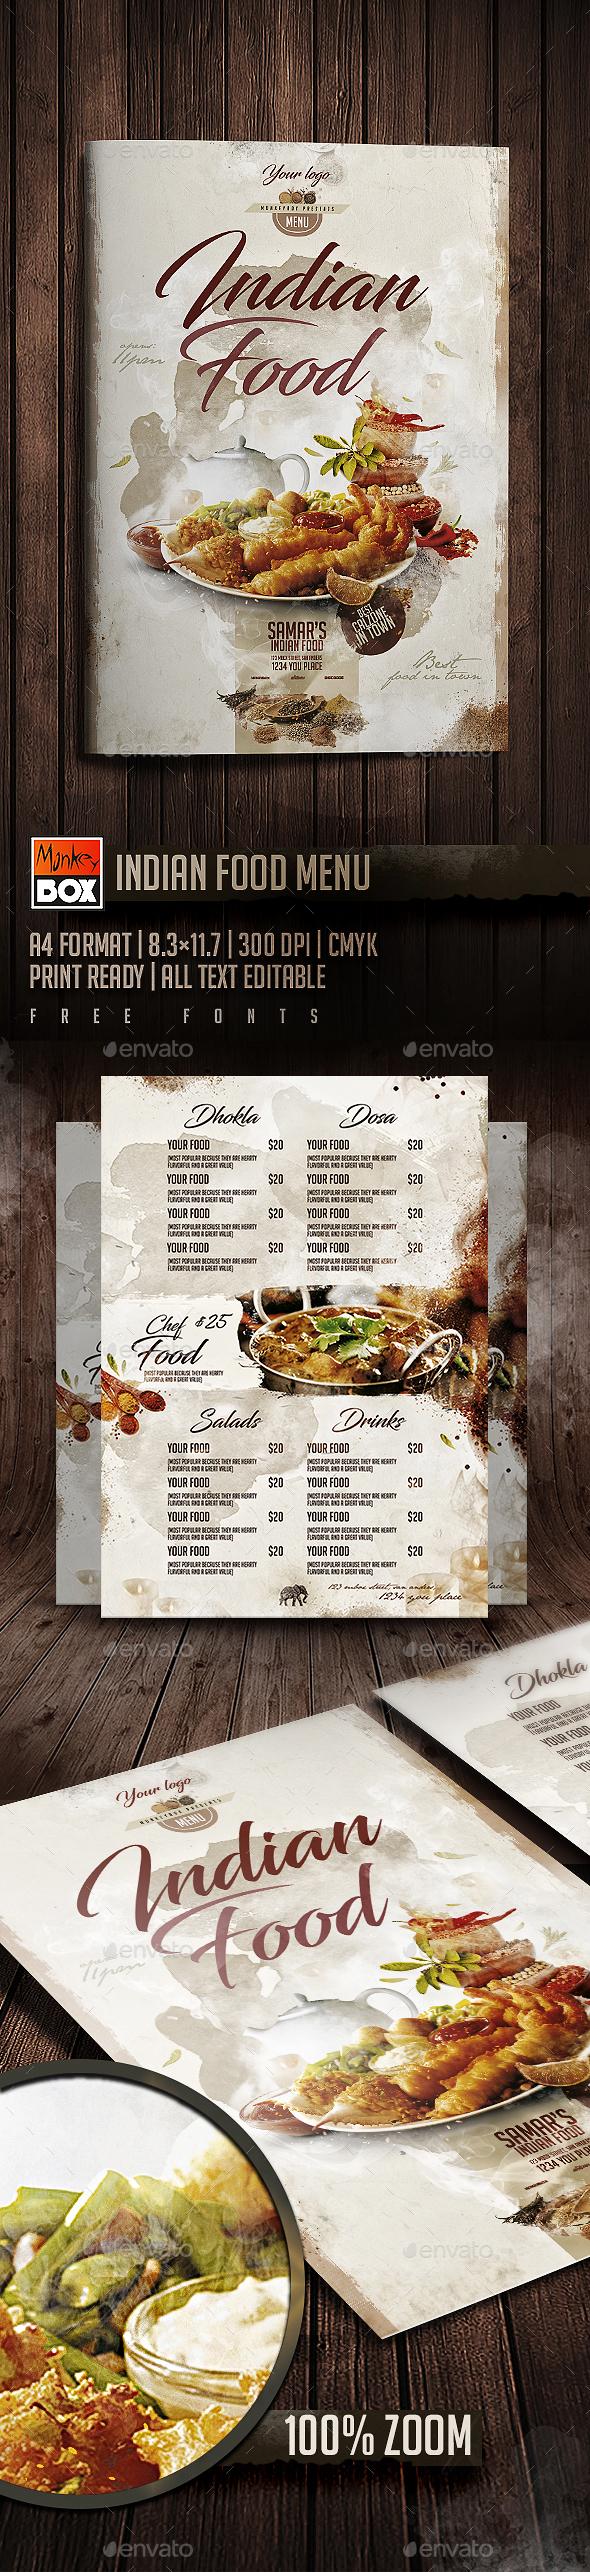 Indian Food Menu - Food Menus Print Templates